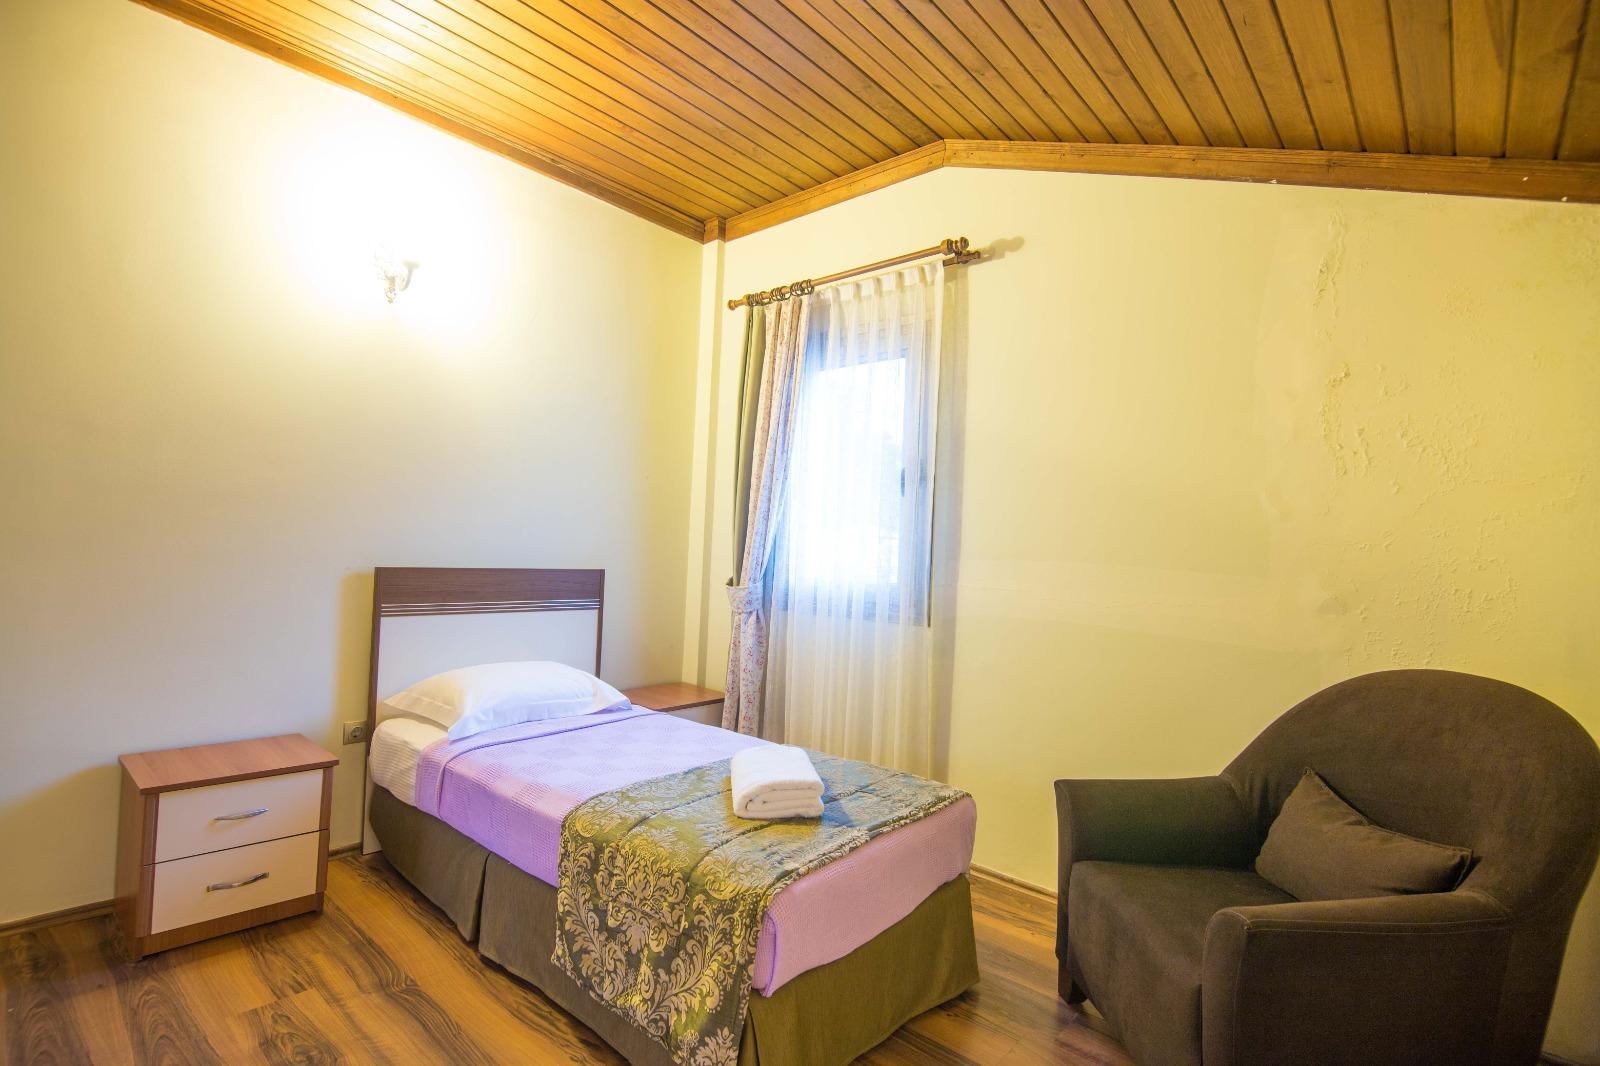 Мармарис недвижимость цены содержание дома в болгарии